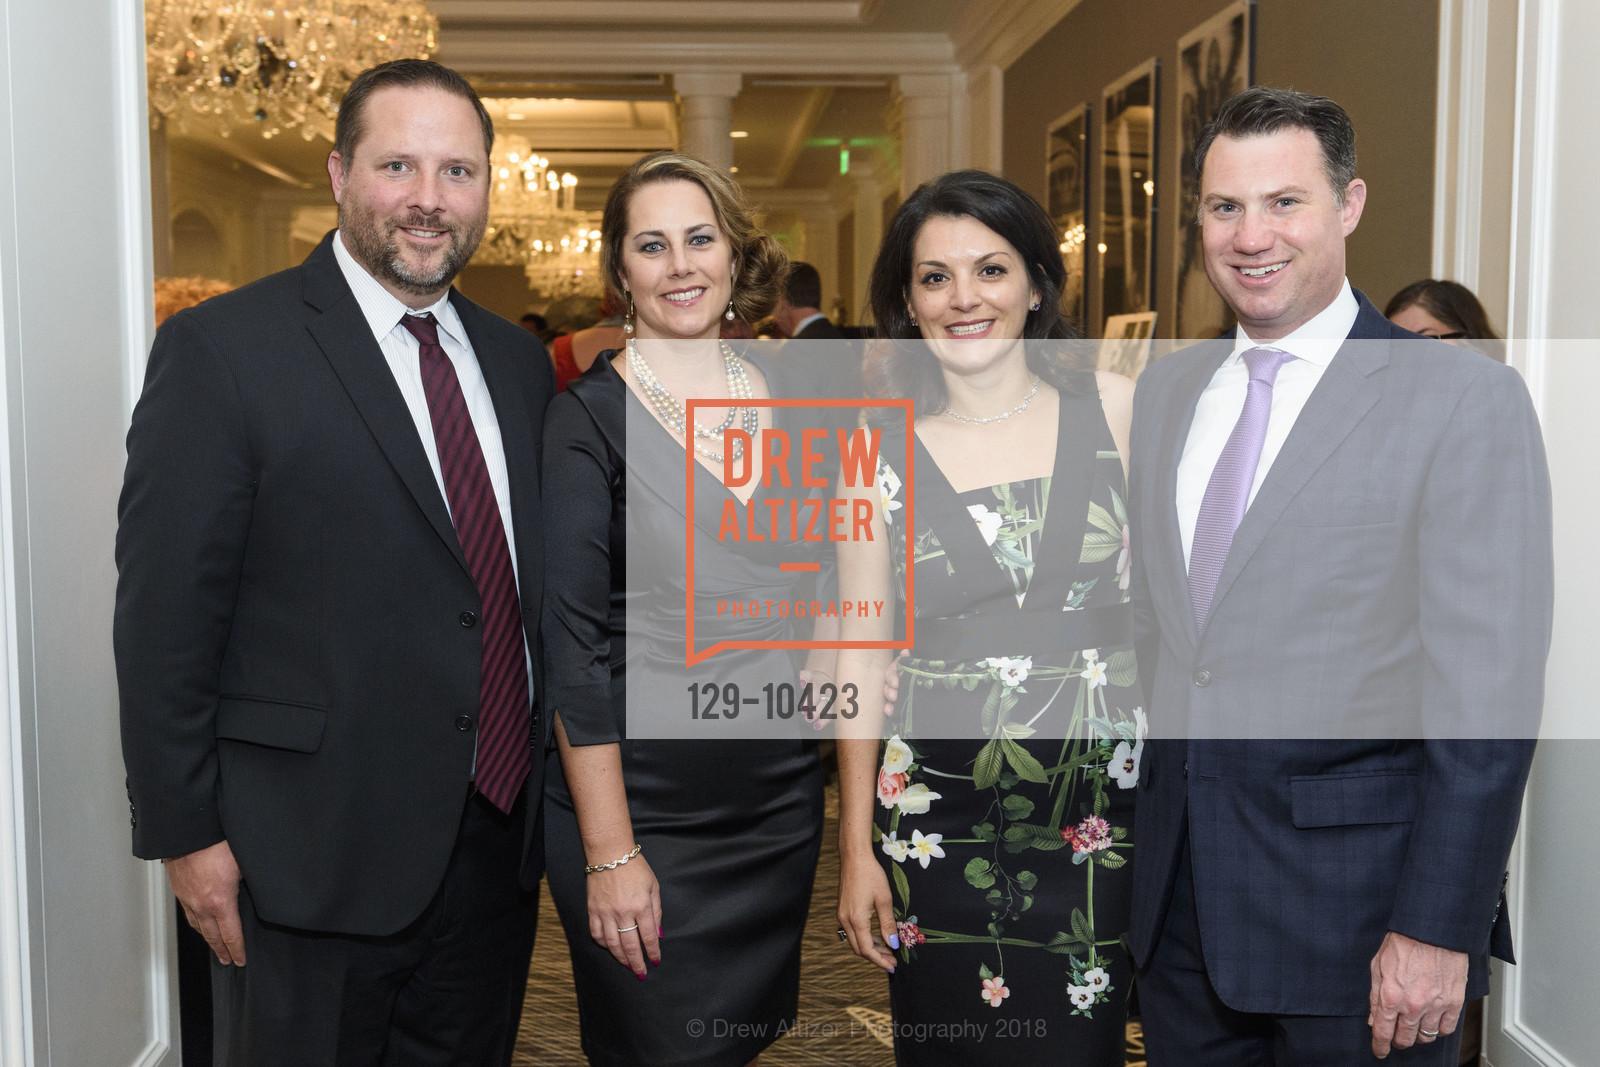 Brian Dew, Angela Dew, Jessica Brillant, David Brillant, Crohn's and Colitis Foundation California Wine Classic 2018, Ritz Carlton Hotel. 600 Stockton Street, April 14th, 2018